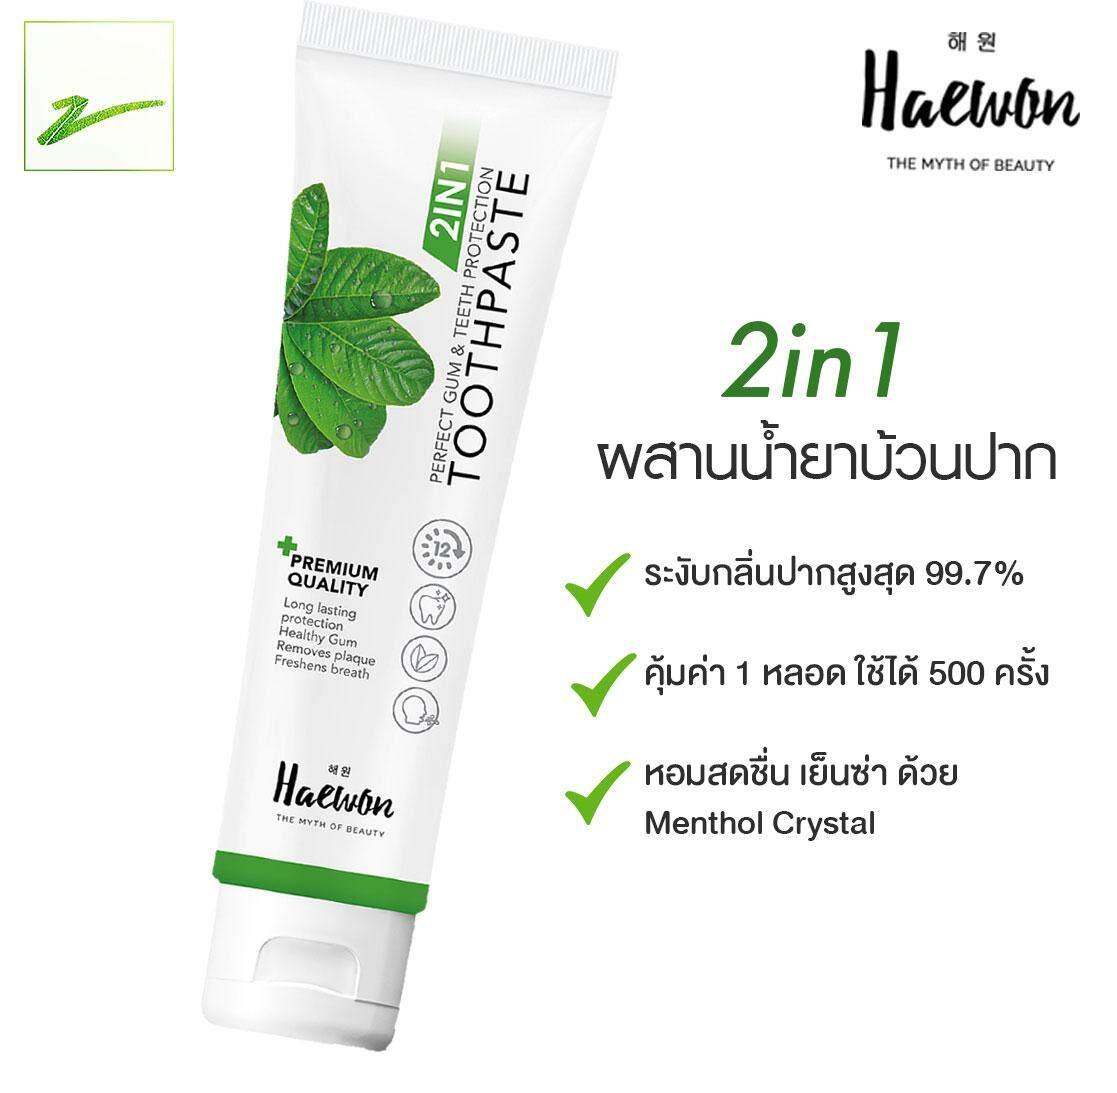 Haewon ยาสีฟันแฮวอน 2in1 ผสาน น้ำยาบ้วนปาก 1 อัน ช่วยลดกลิ่นปาก ช่วยฟอกฟันขาว ช่วยลดหินปูน ลมหายใจหอมสดชื่น ขนาด 80 Ml.